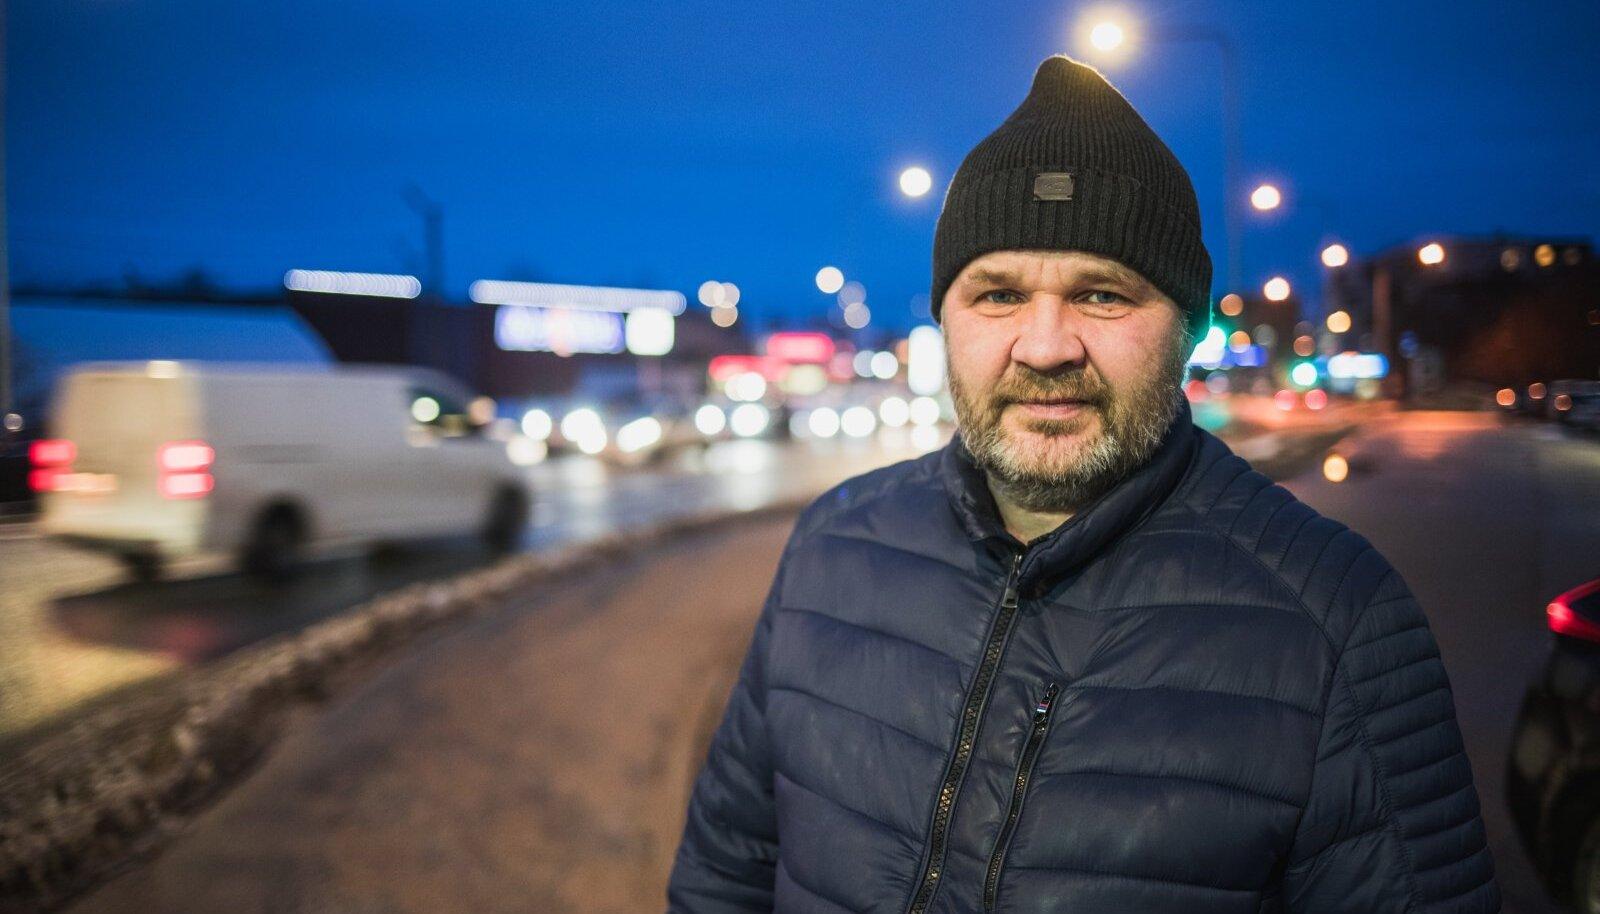 Mairo Mugra sõidab täna Soome ja jääb sinna esialgu kuuks ajaks.